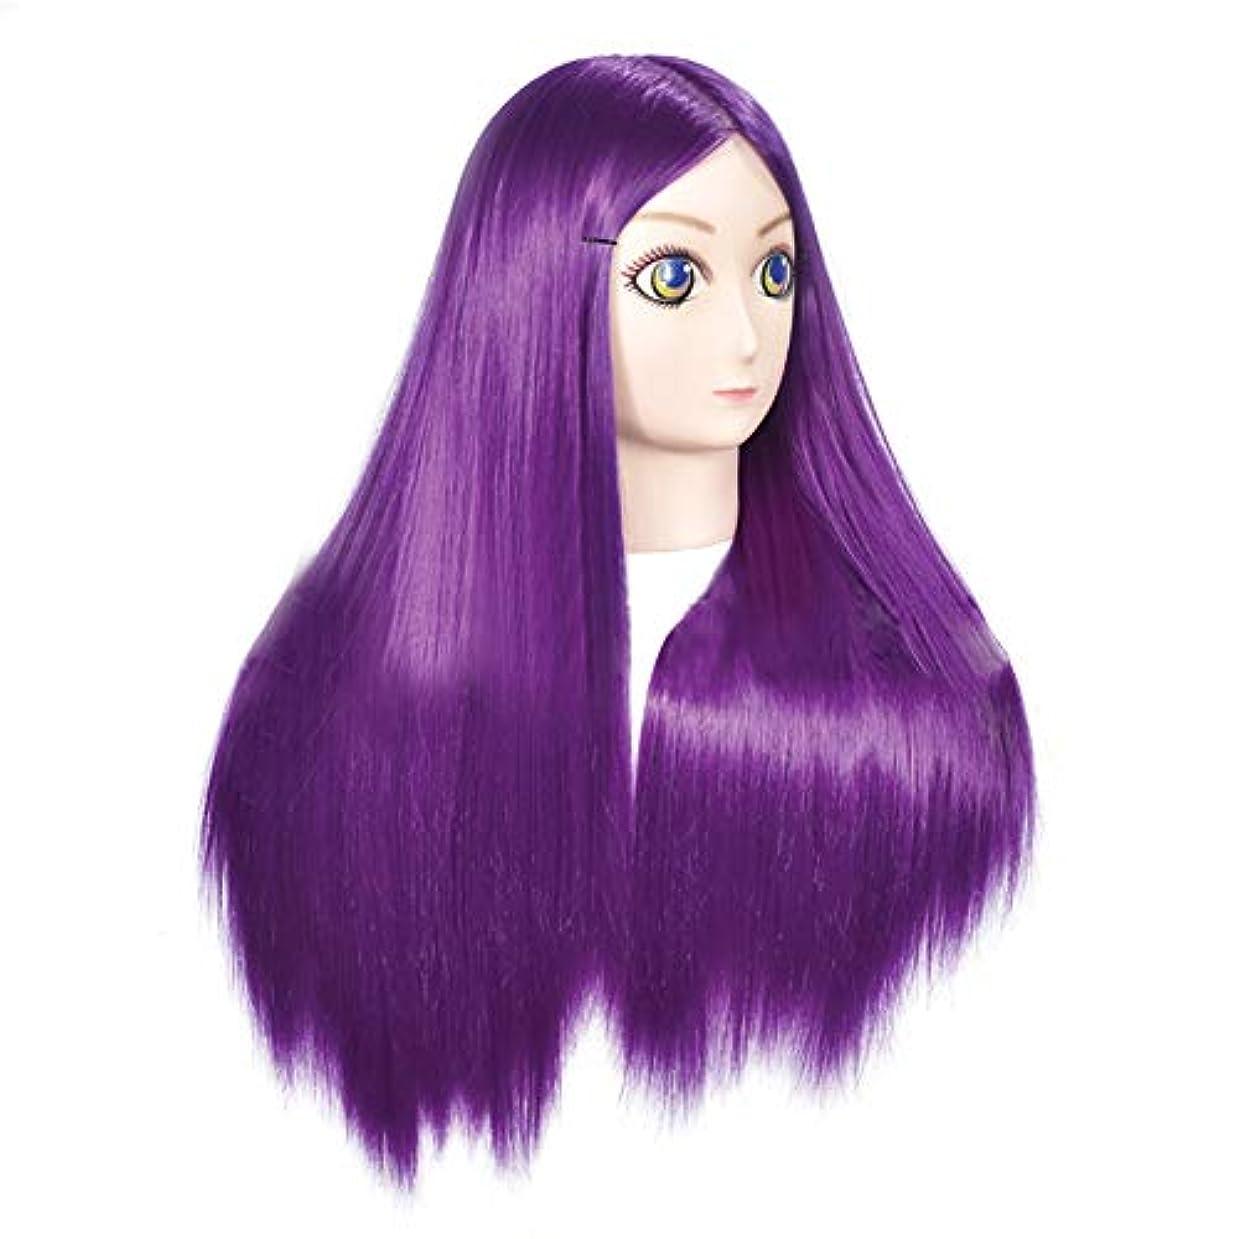 みがきます監査一般的な高温シルクヘアスタイリングモデルヘッド女性モデルヘッドティーチングヘッド理髪店編組髪染め学習ダミーヘッド